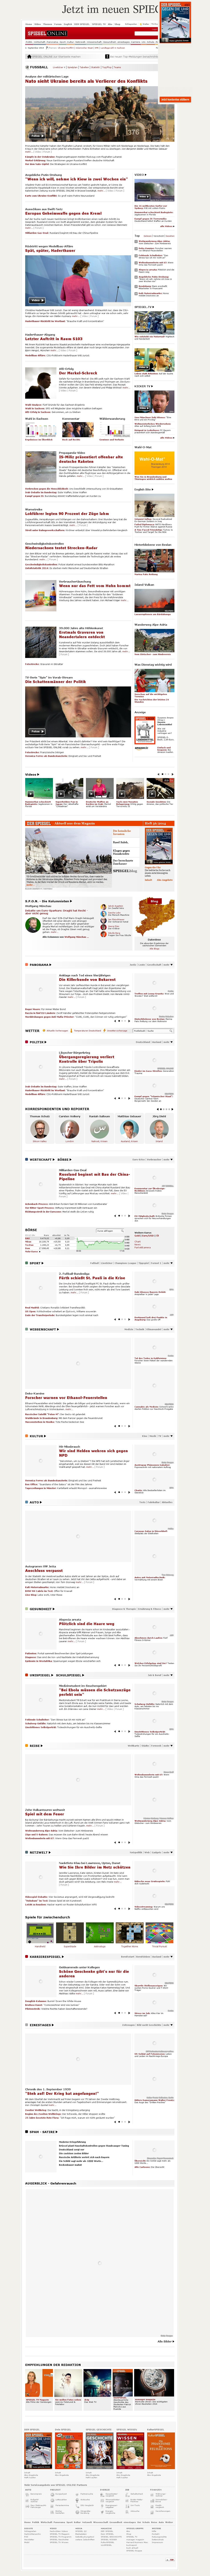 Spiegel Online at Tuesday Sept. 2, 2014, 1:19 a.m. UTC